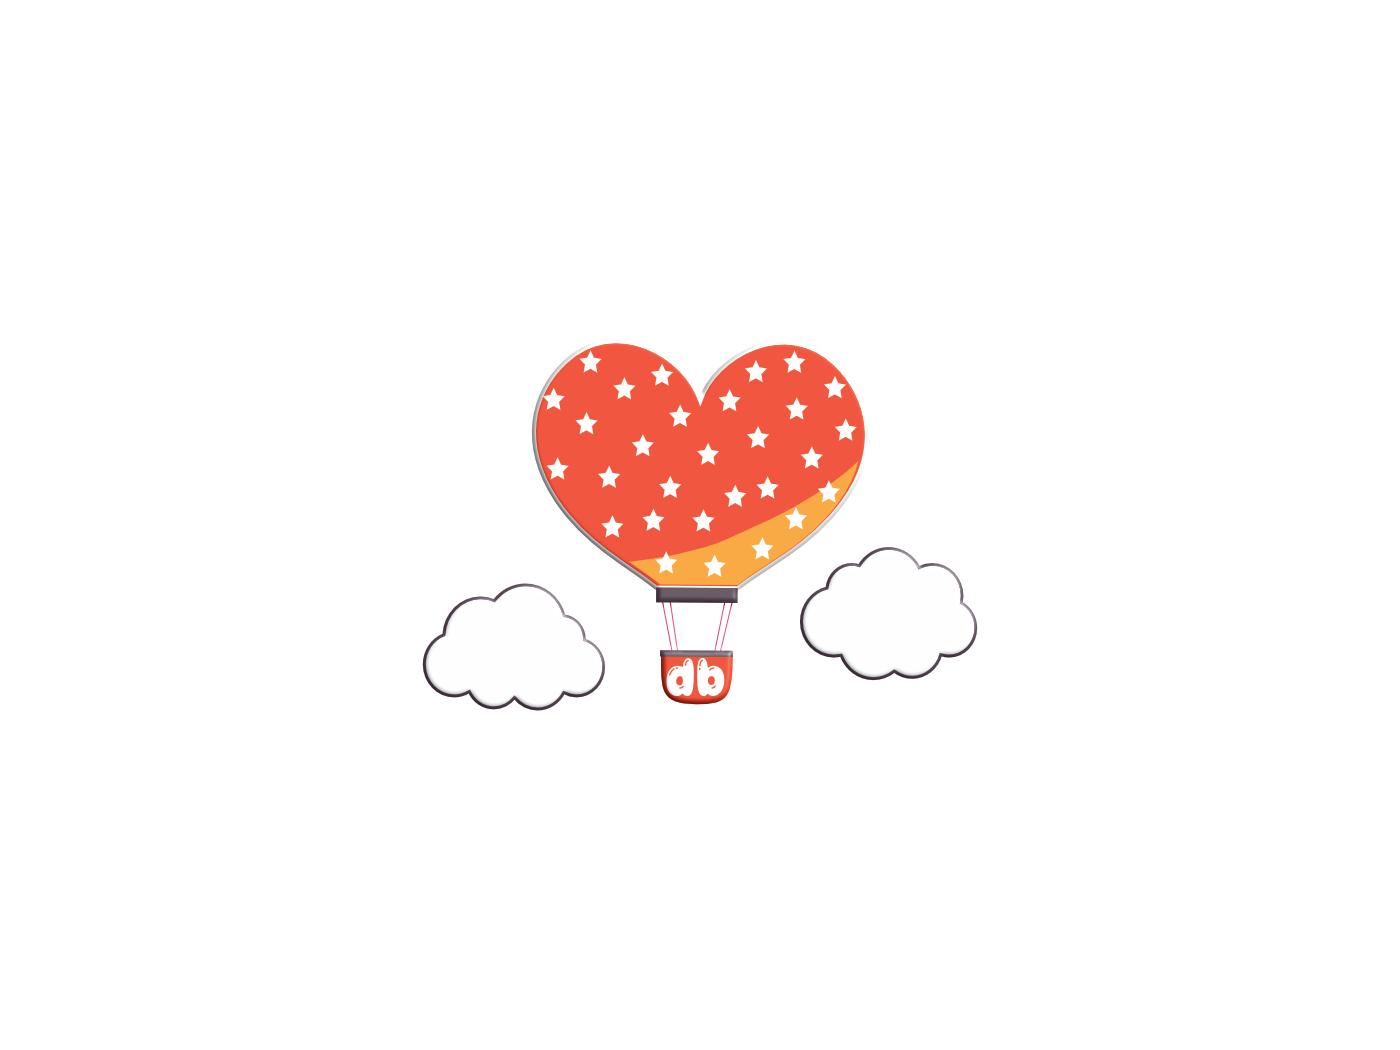 dreambigga's logo